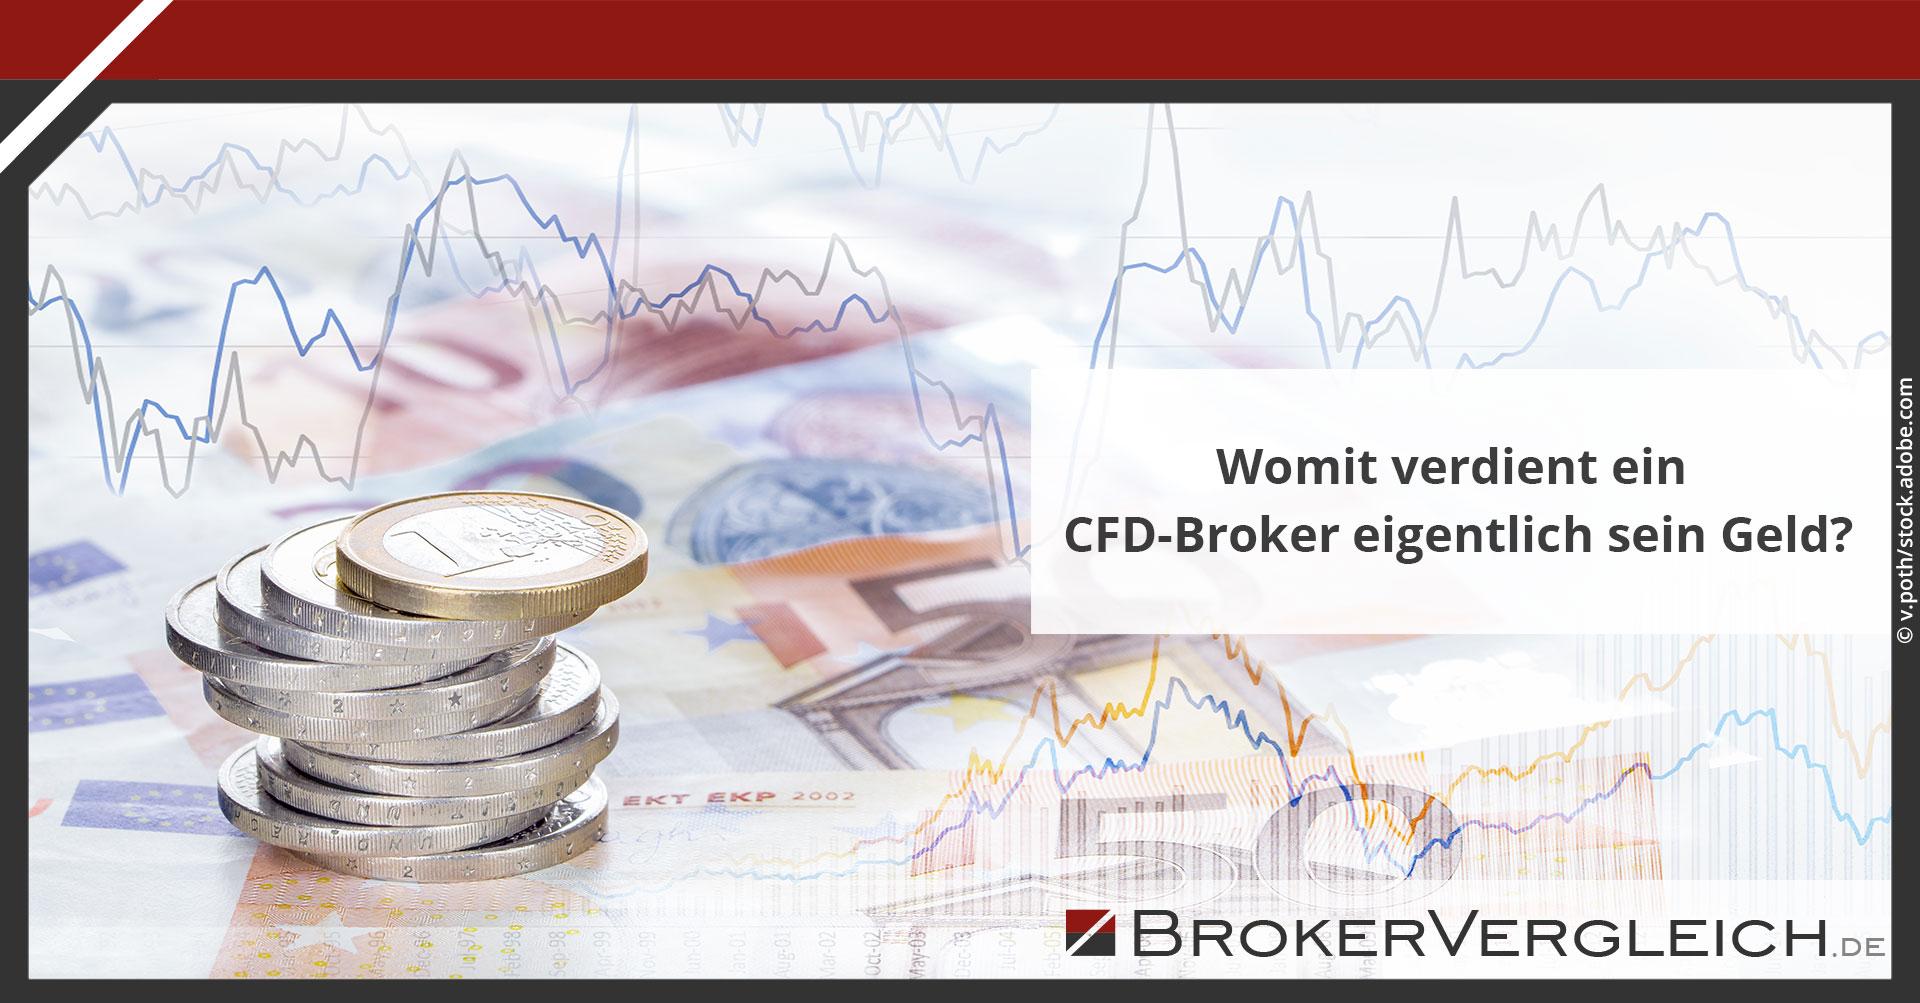 Zum Beitrag - Womit verdient ein CFD-Broker eigentlich sein Geld?